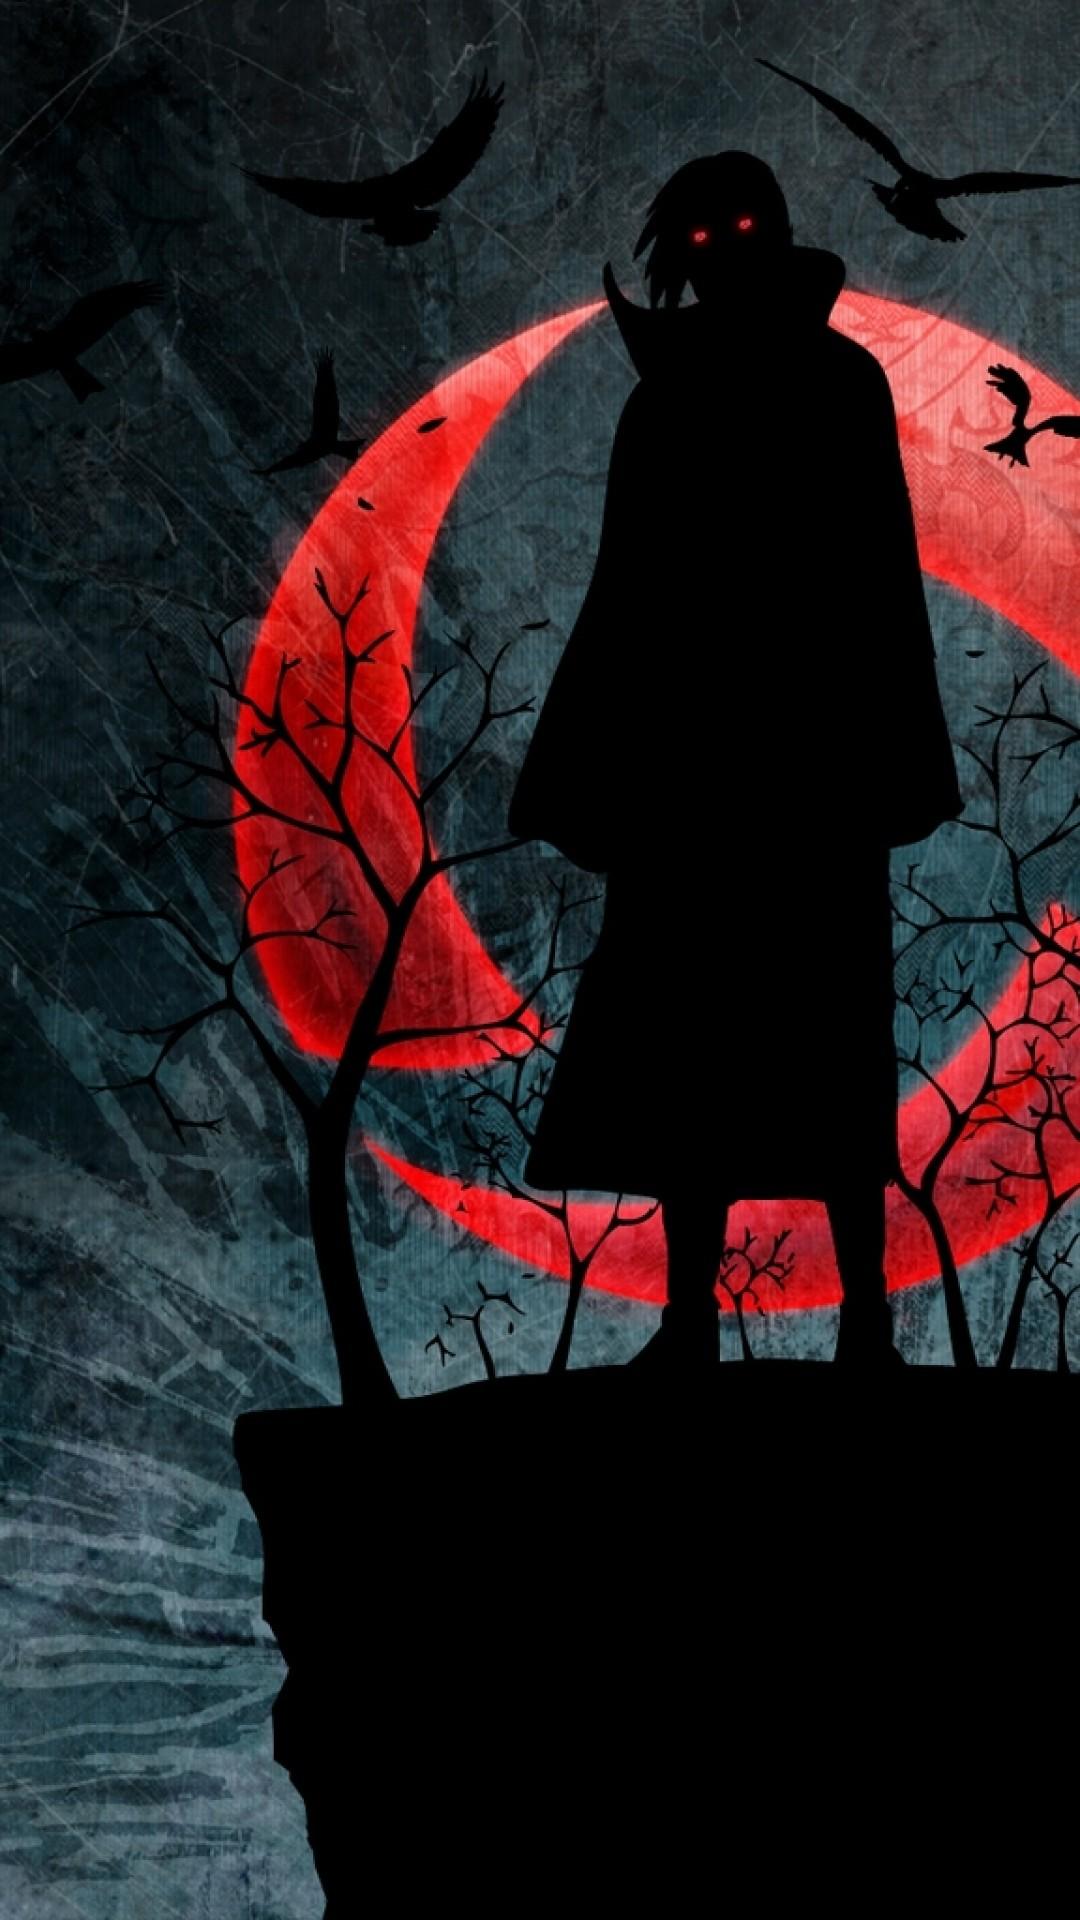 Wallpaper naruto, uchiha itachi, sharingan, figure, night, red  moon,